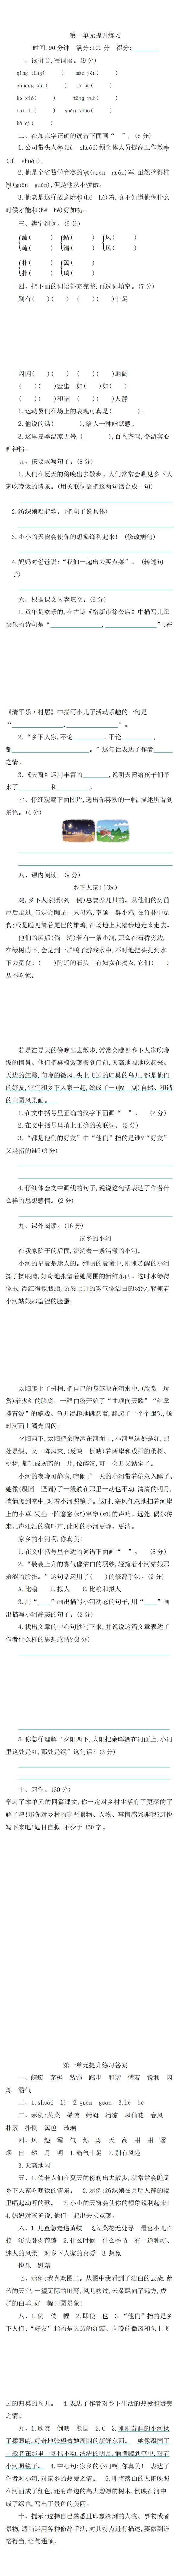 部编版语文四年级下册第一单元提升练习 (含答案)_0.png